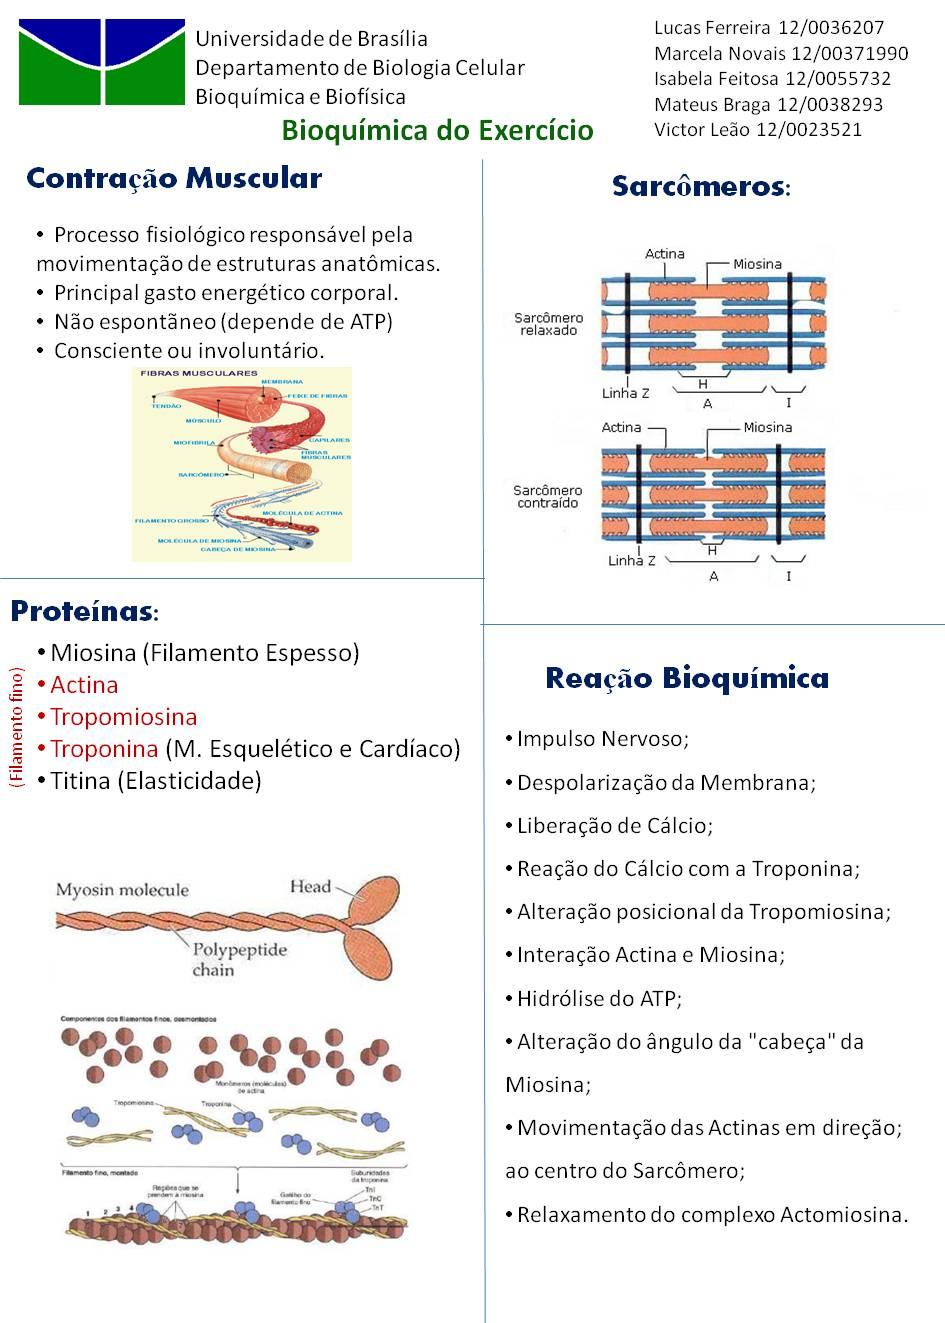 painelbiobioexecicio+v2+(6).jpg